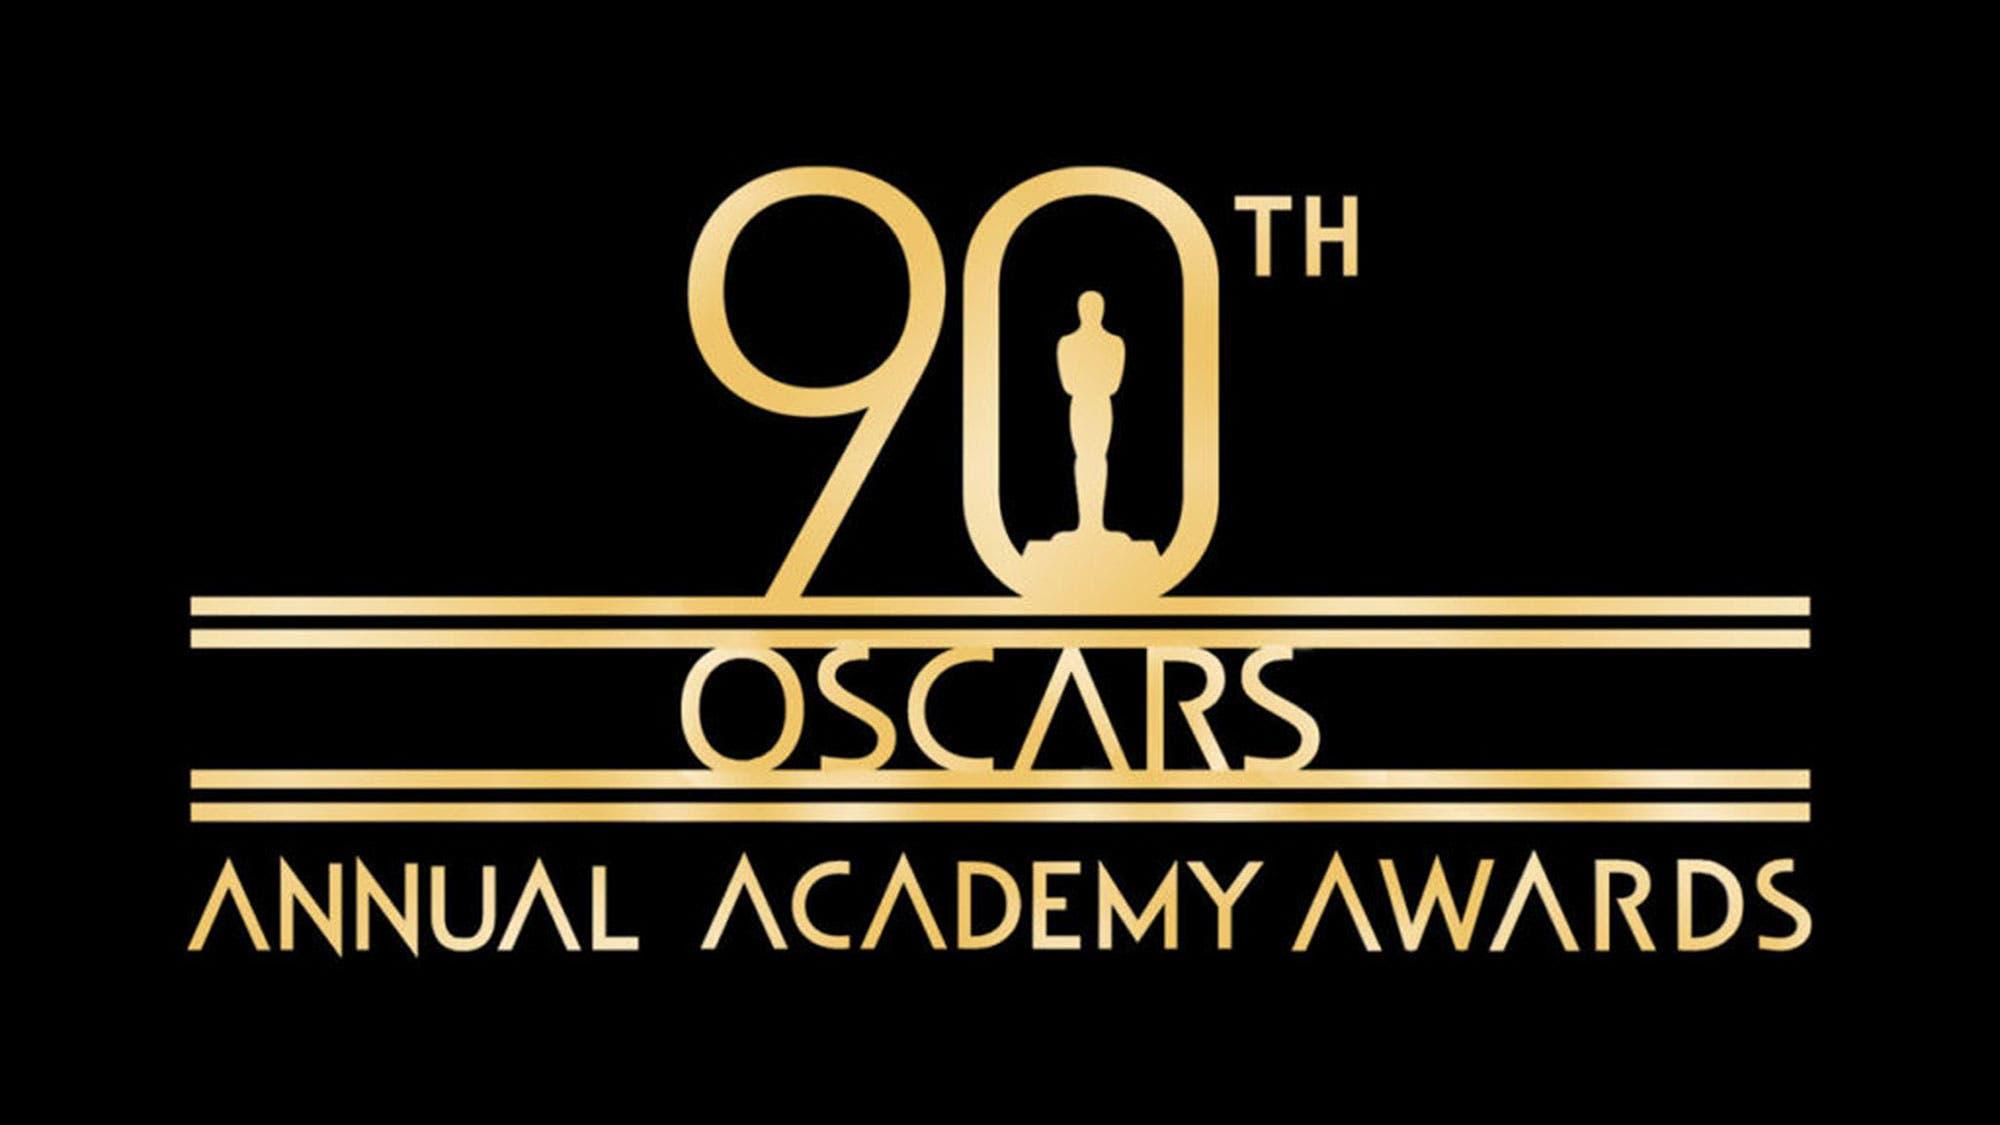 Oscars Production Design